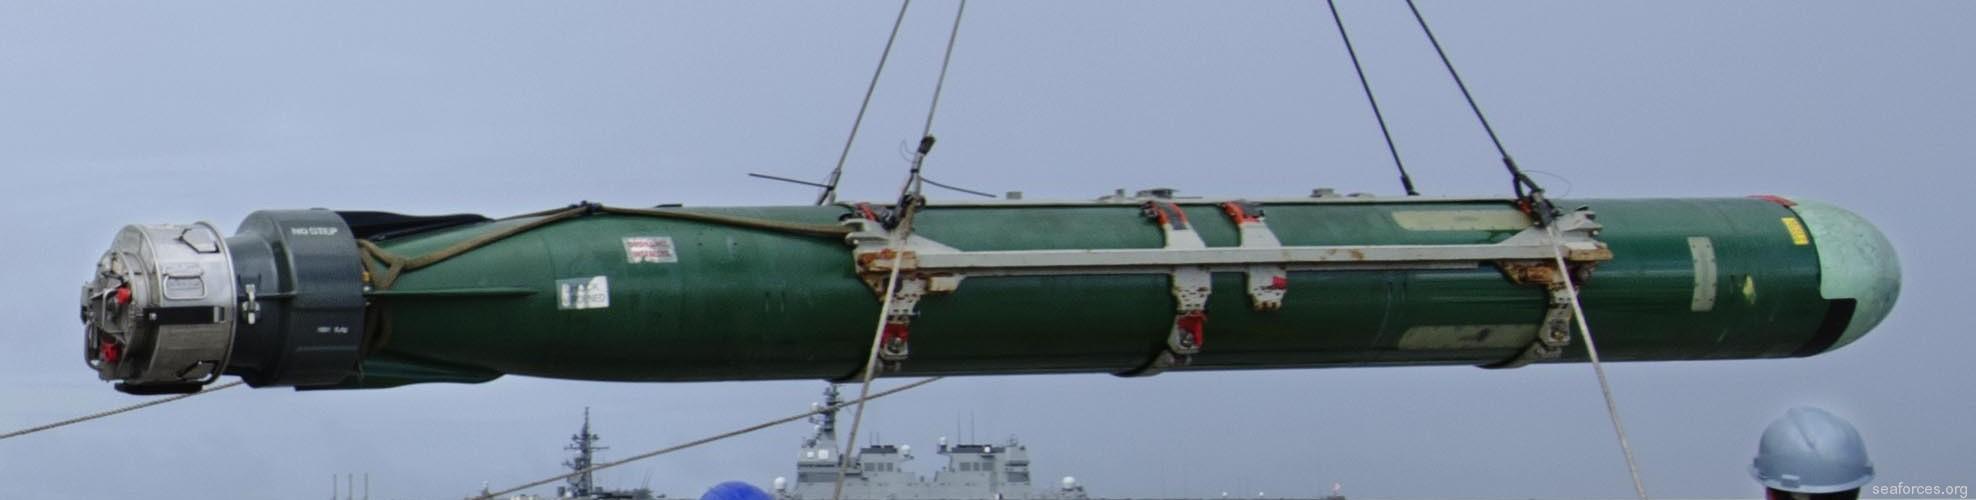 Mk-48 ADCAP Torpedo 533mm 21